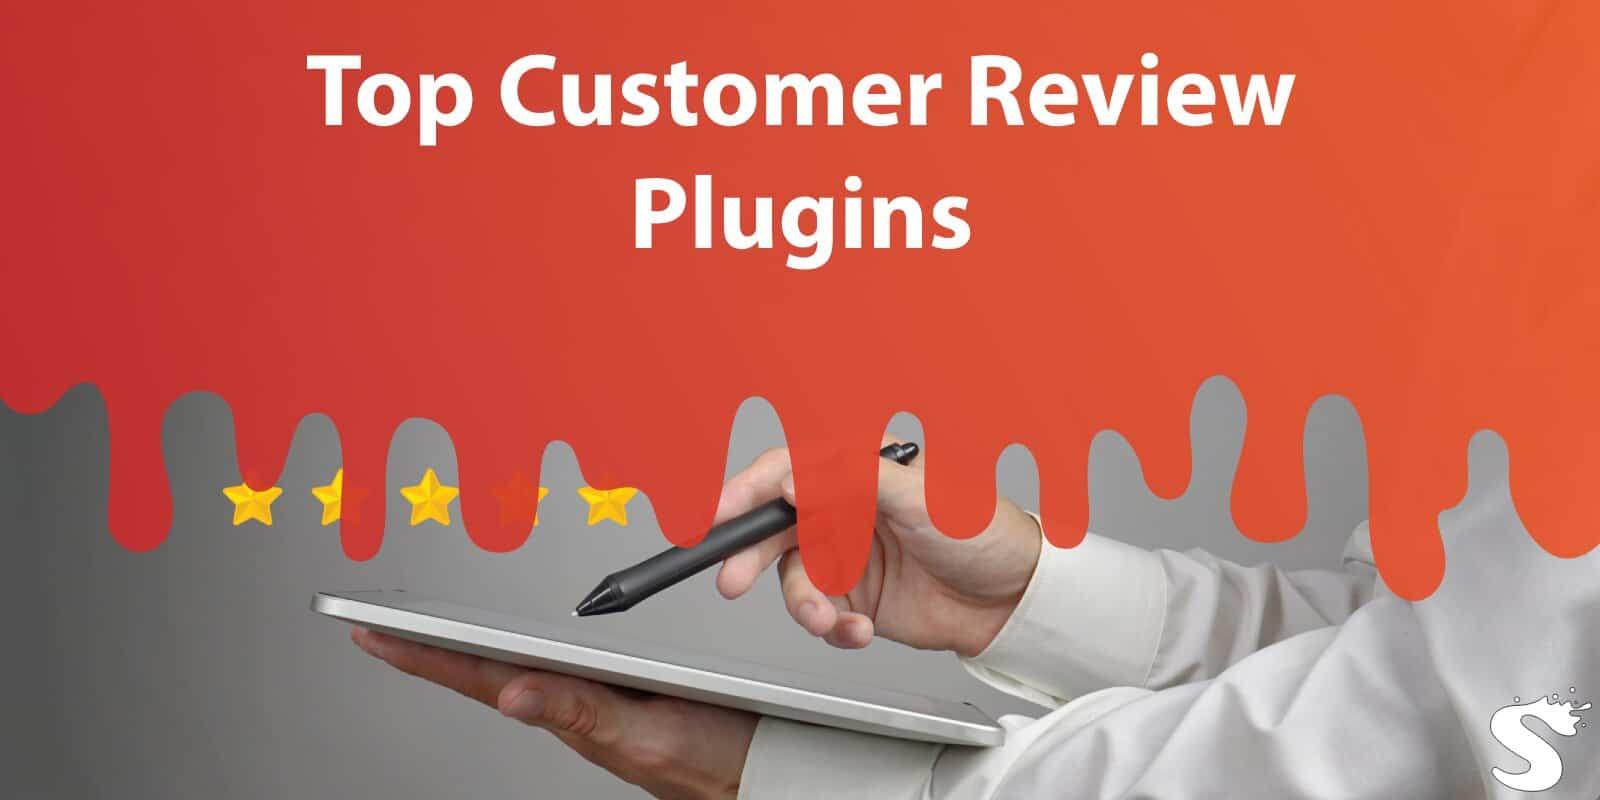 Top Customer Review Plugins